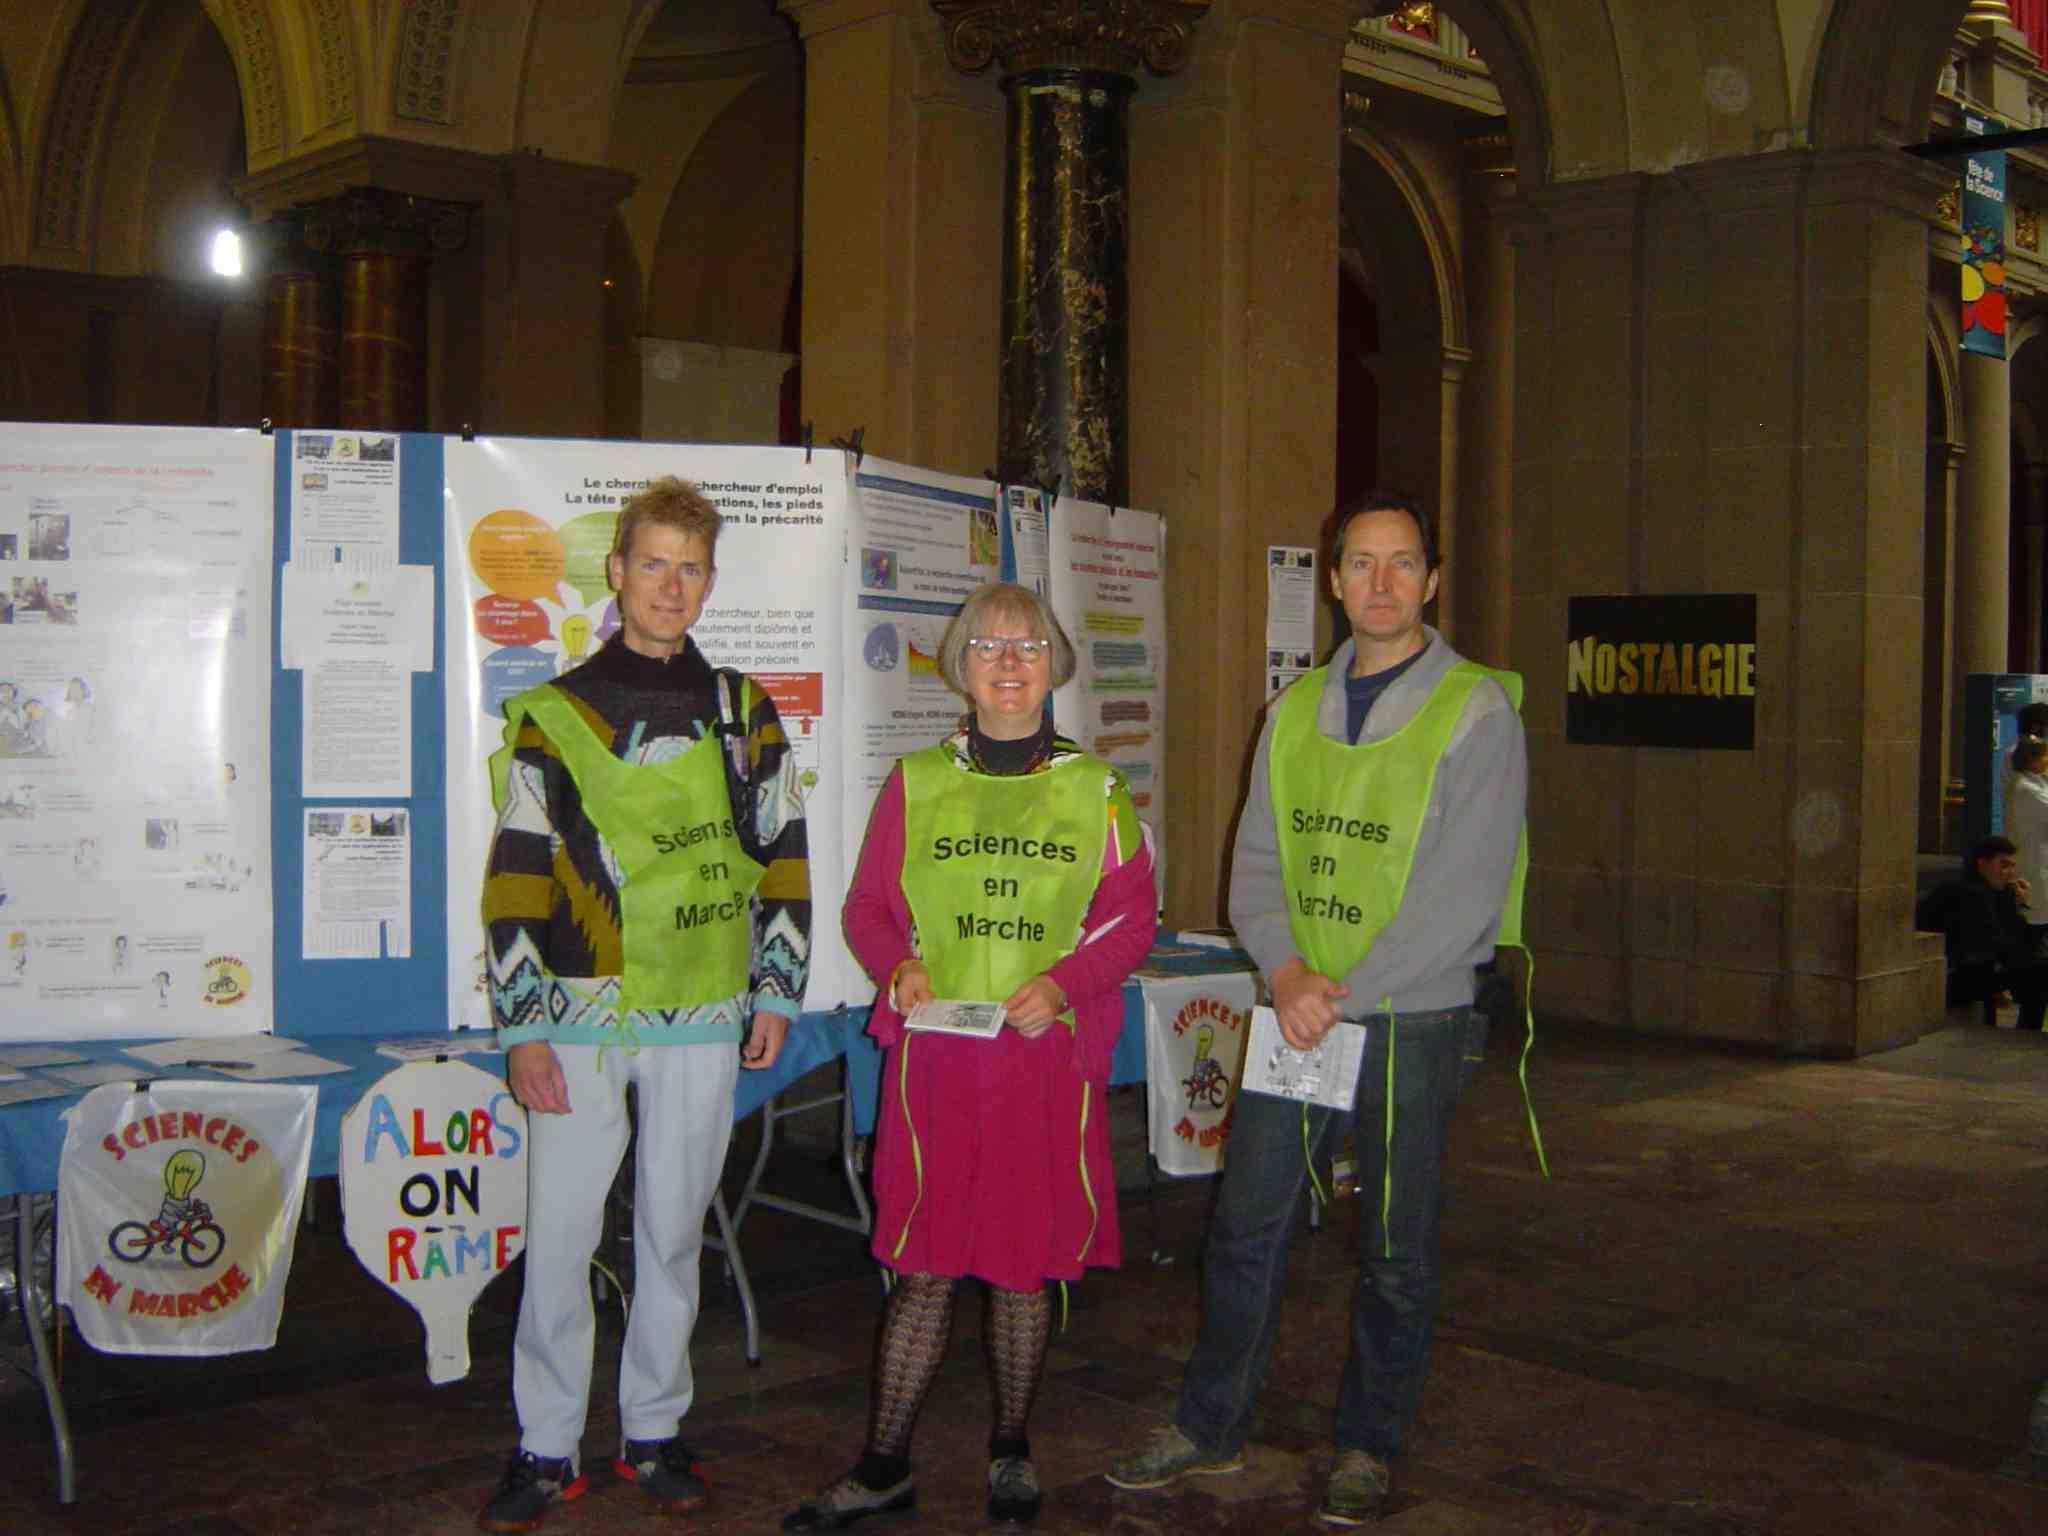 Du 8 au 11 octobre f te de la science le off de sem strasbourg sciences en marche strasbourg - La table de louise strasbourg ...